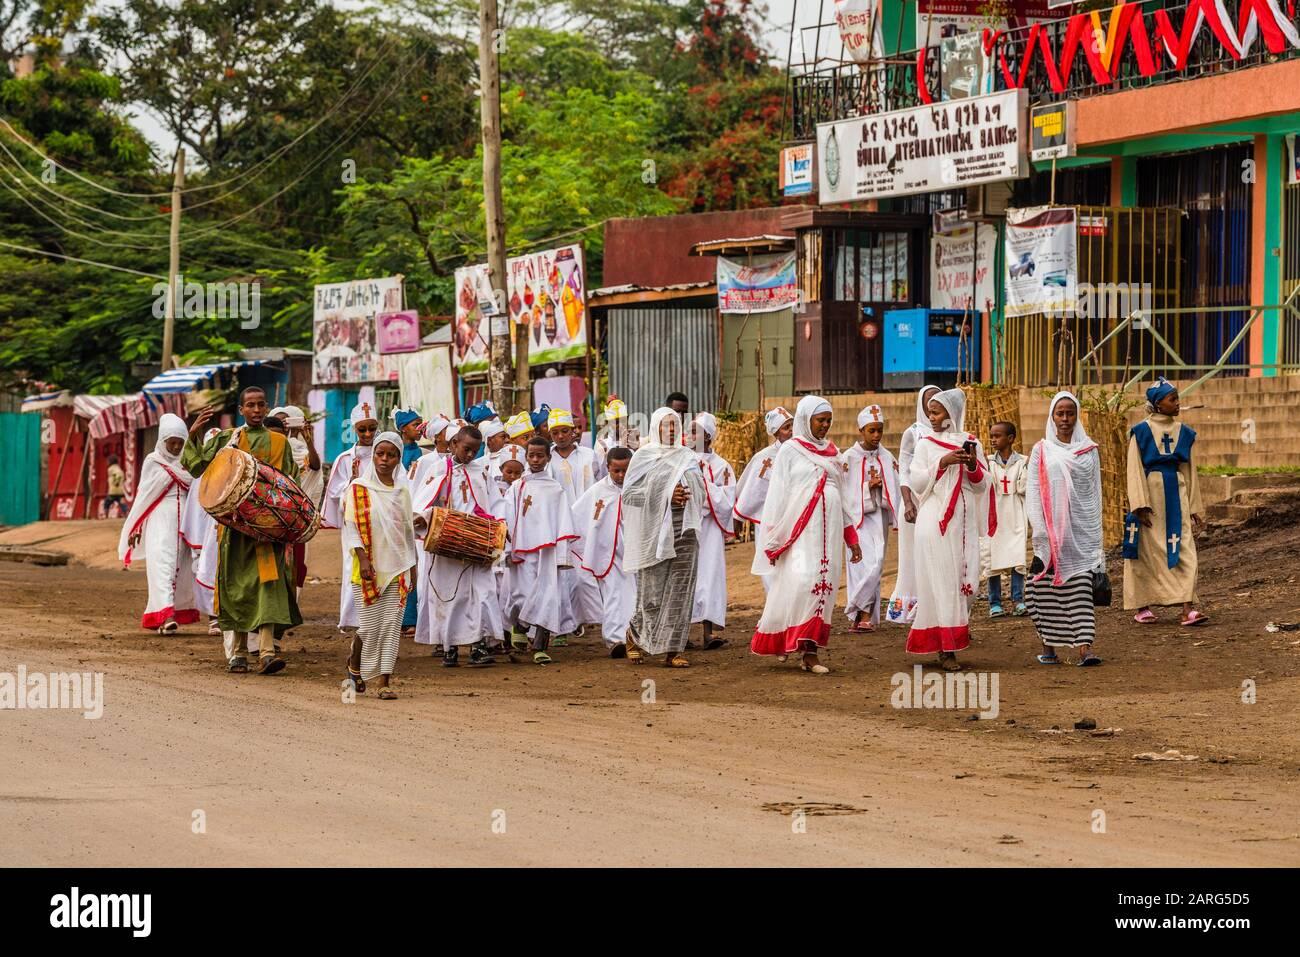 Un grupo de cristianos ortodoxos etíopes marchando por la carretera durante el feriado religioso de Meskel, Arba Minch, Etiopía. Foto de stock